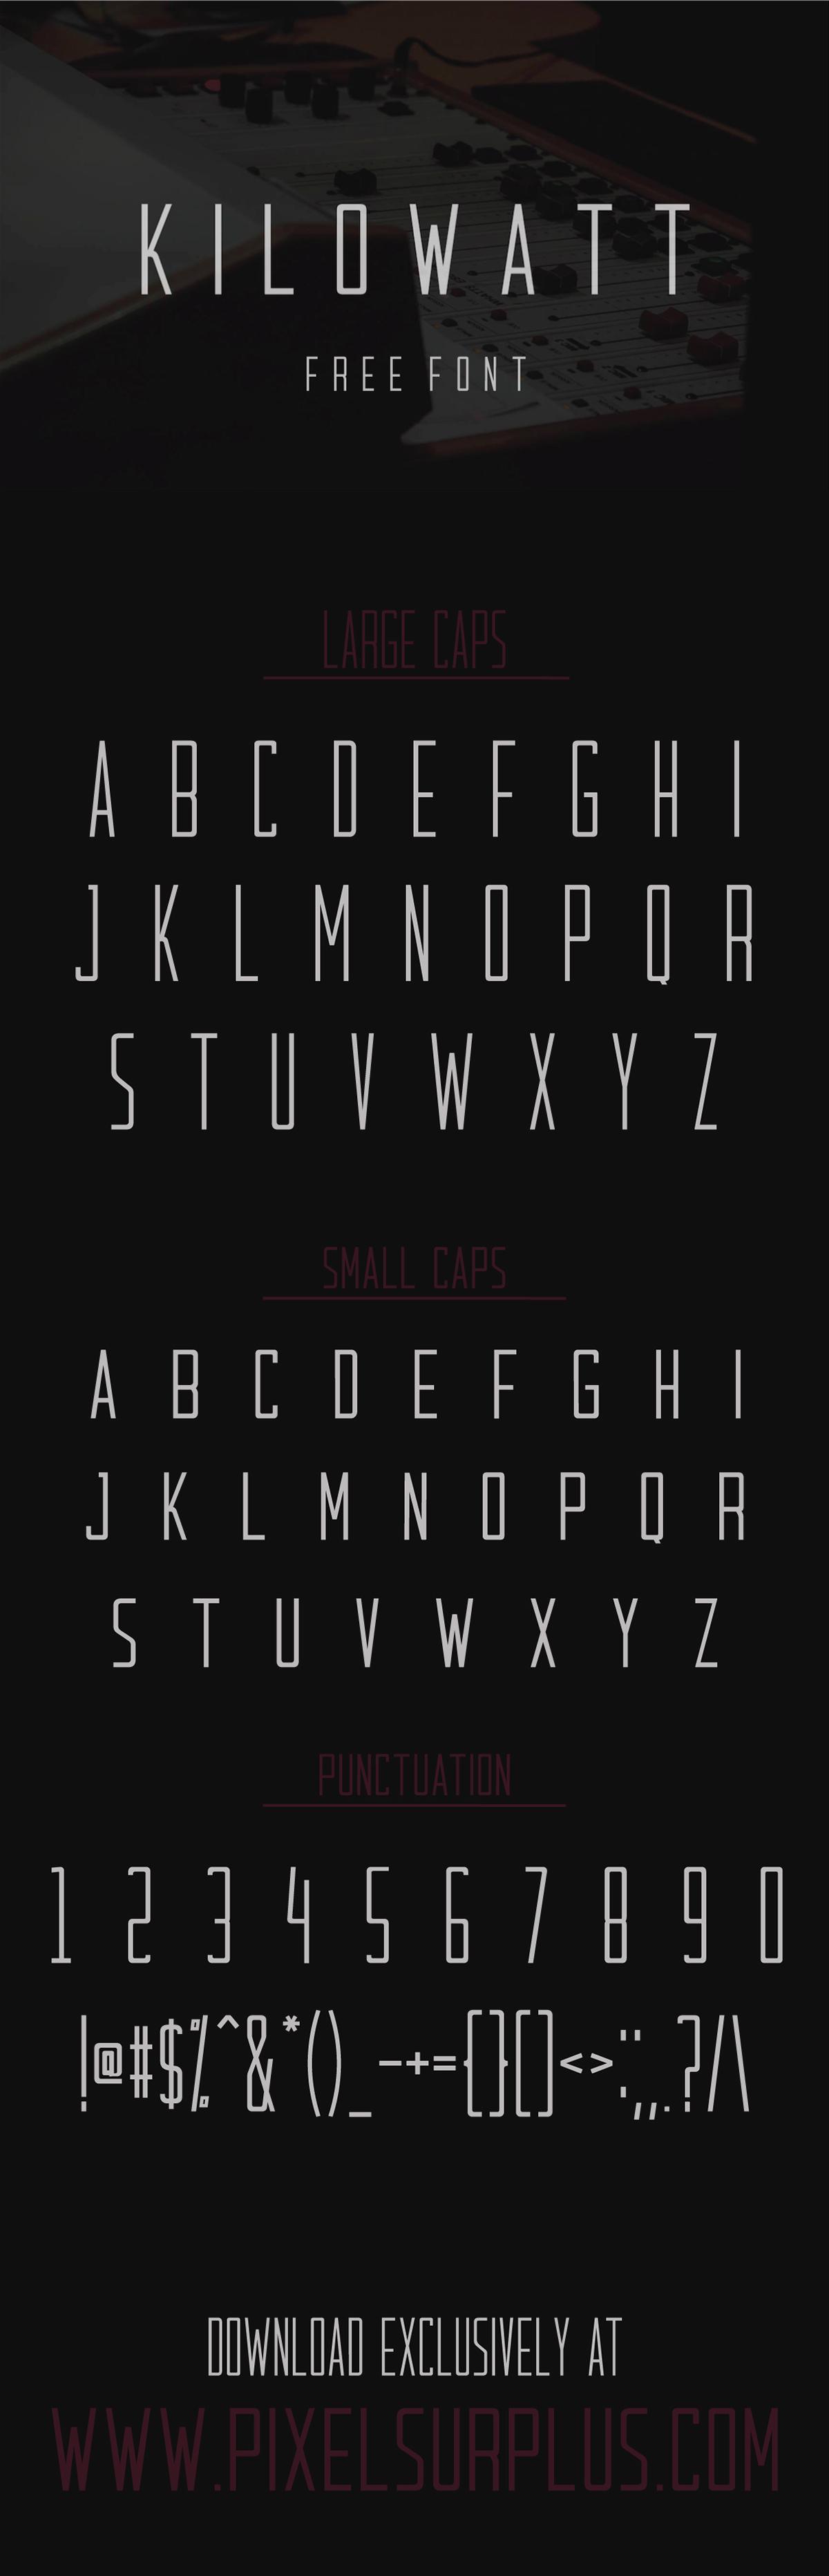 kilowatt free font